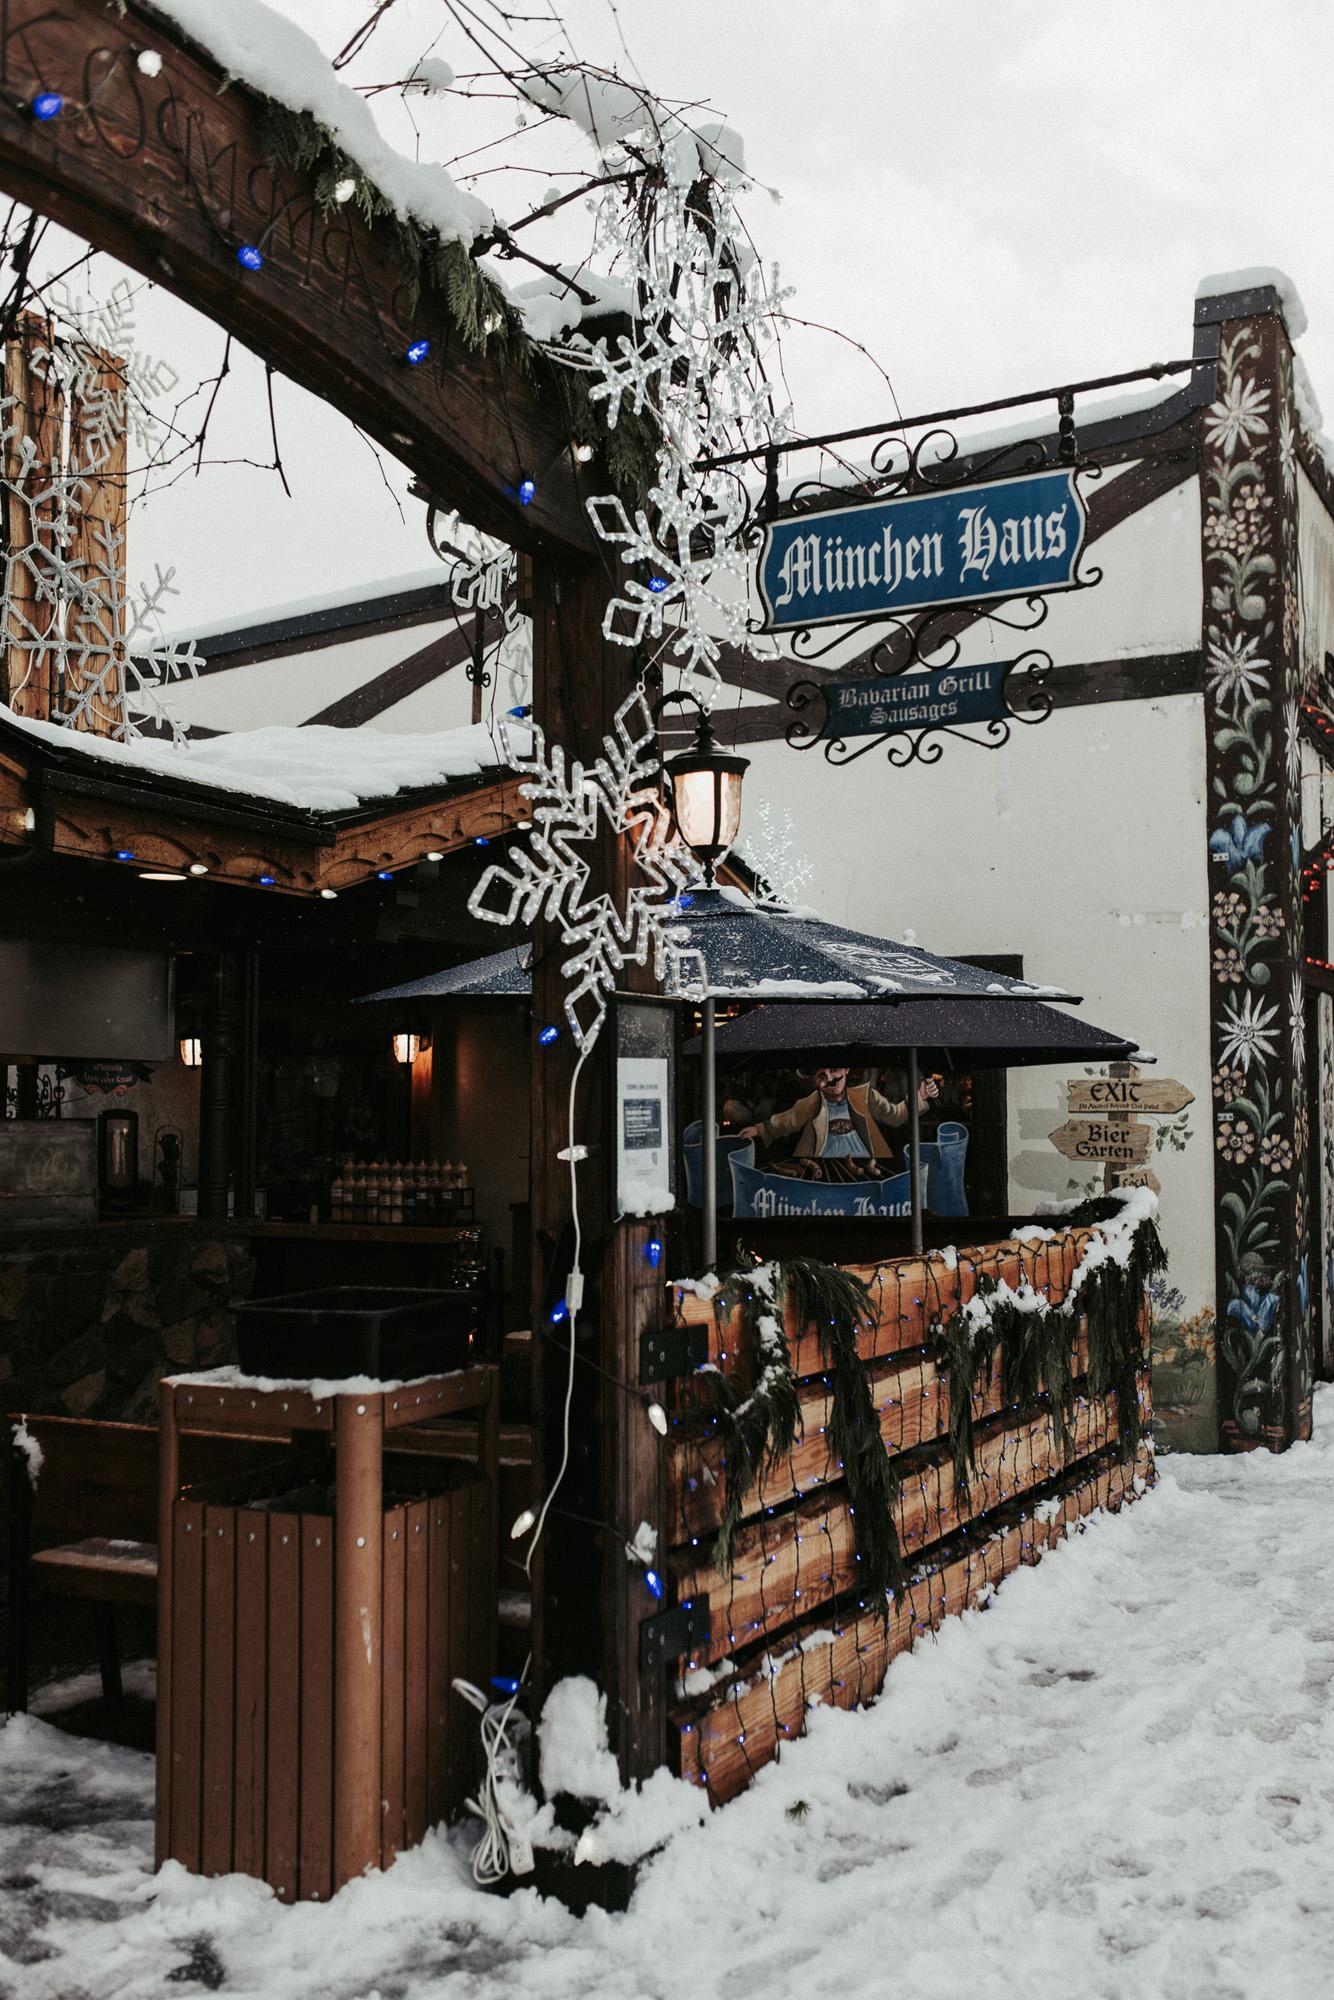 Munchen Haus KyleWillisPhoto Leavenworth Washington